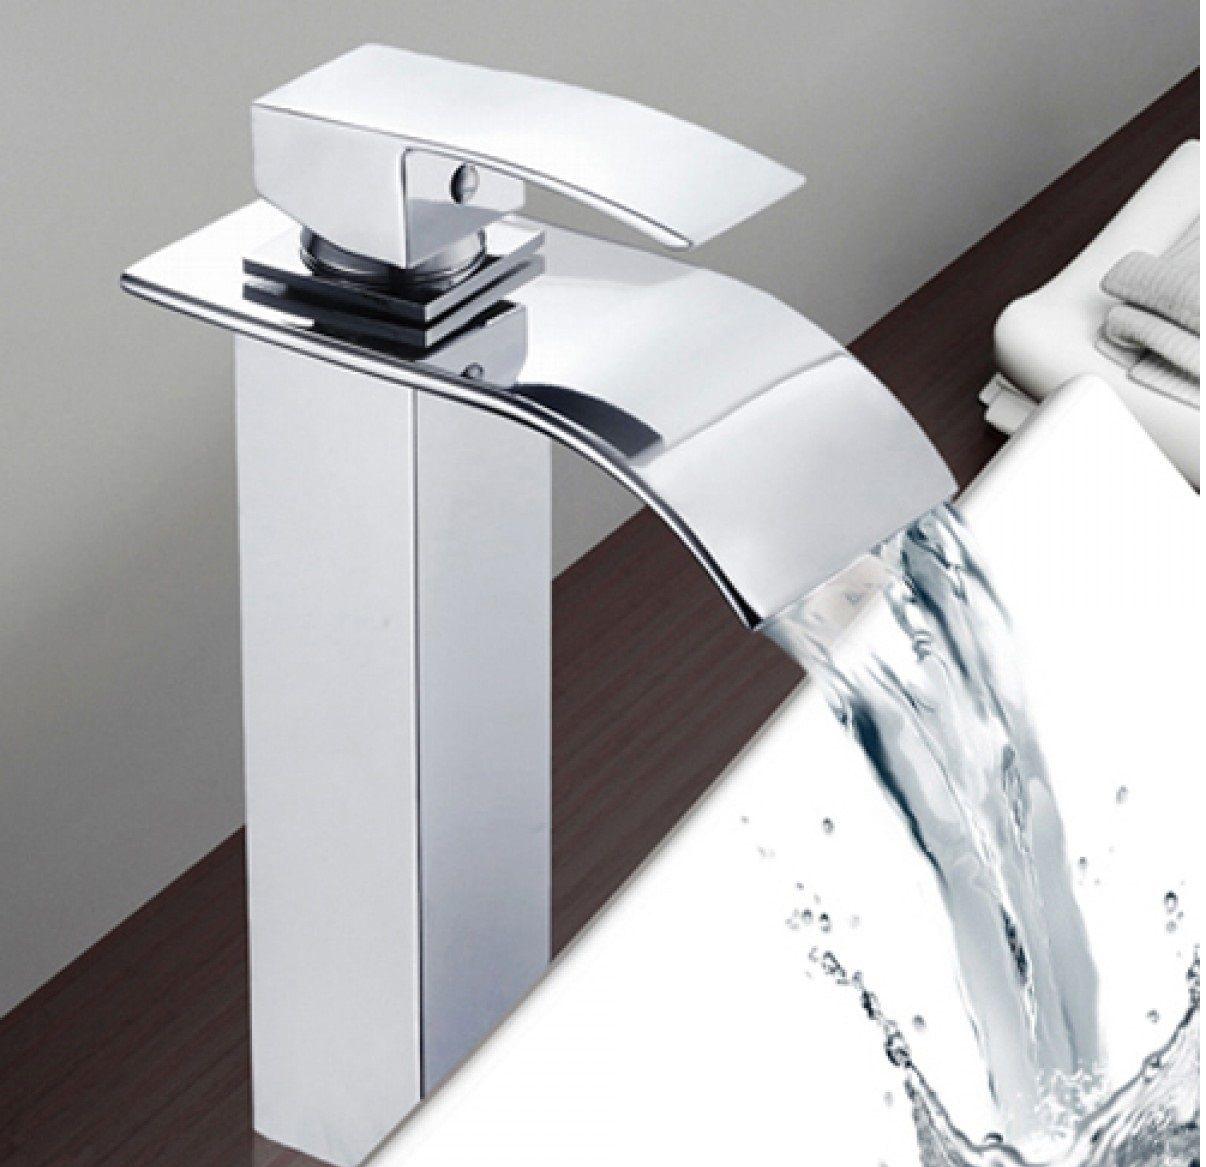 Ikea rubinetti ikea rubinetti ikea rubinetti faretti per for Ikea rubinetti bagno